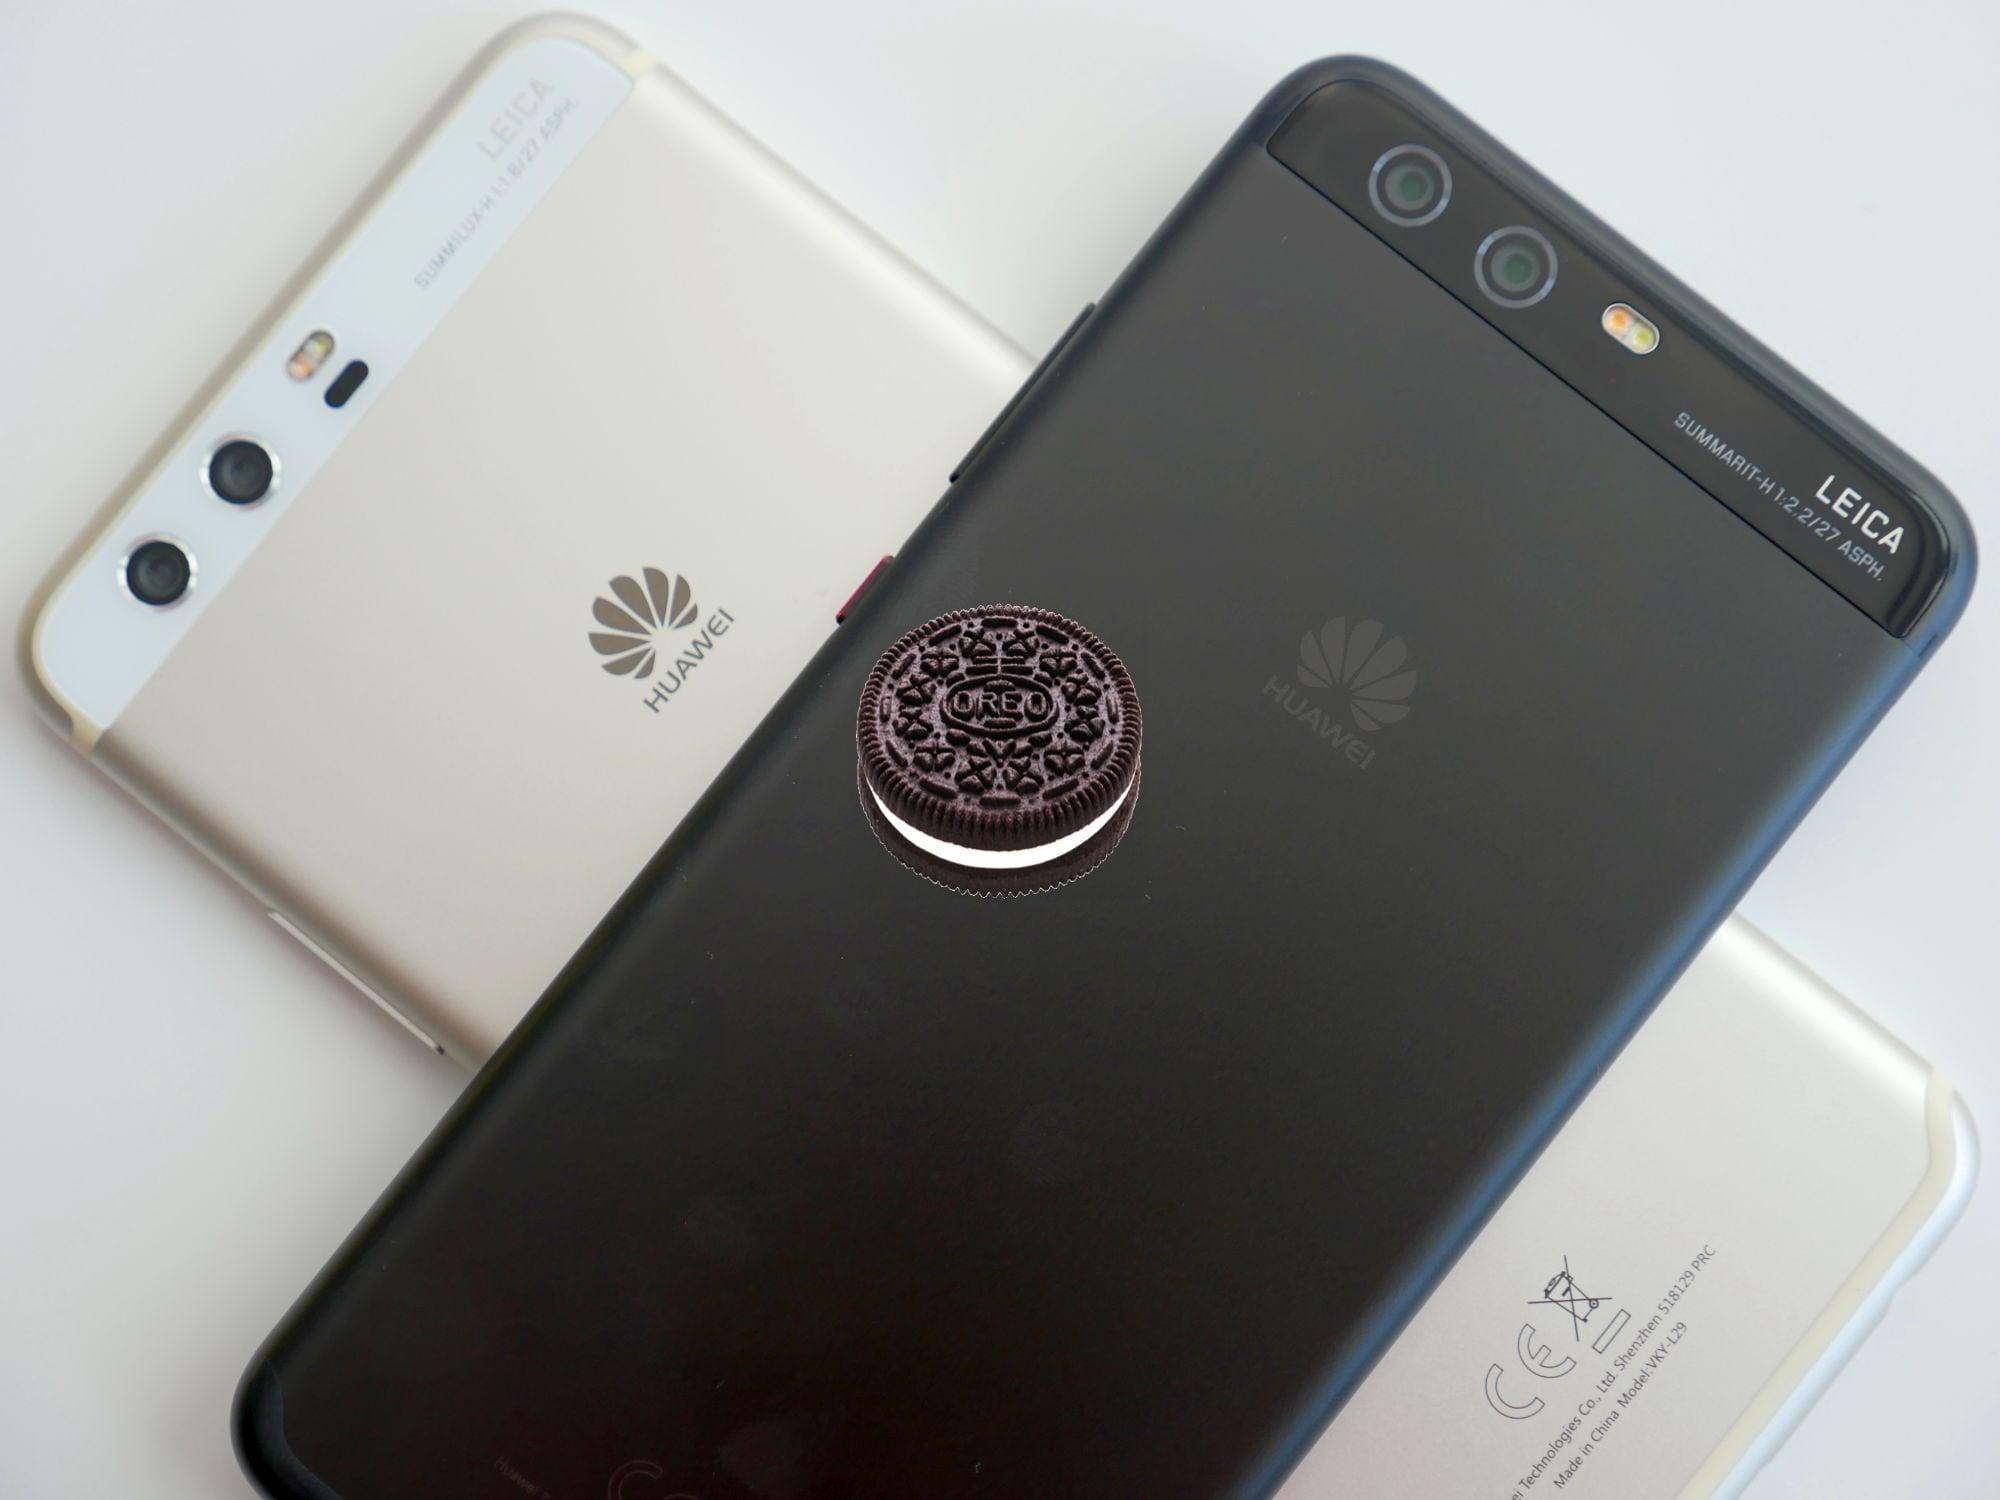 Huawei zaprasza właścicieli modeli P10 i P10 Plus do przetestowania Androida Oreo i EMUI 8 15